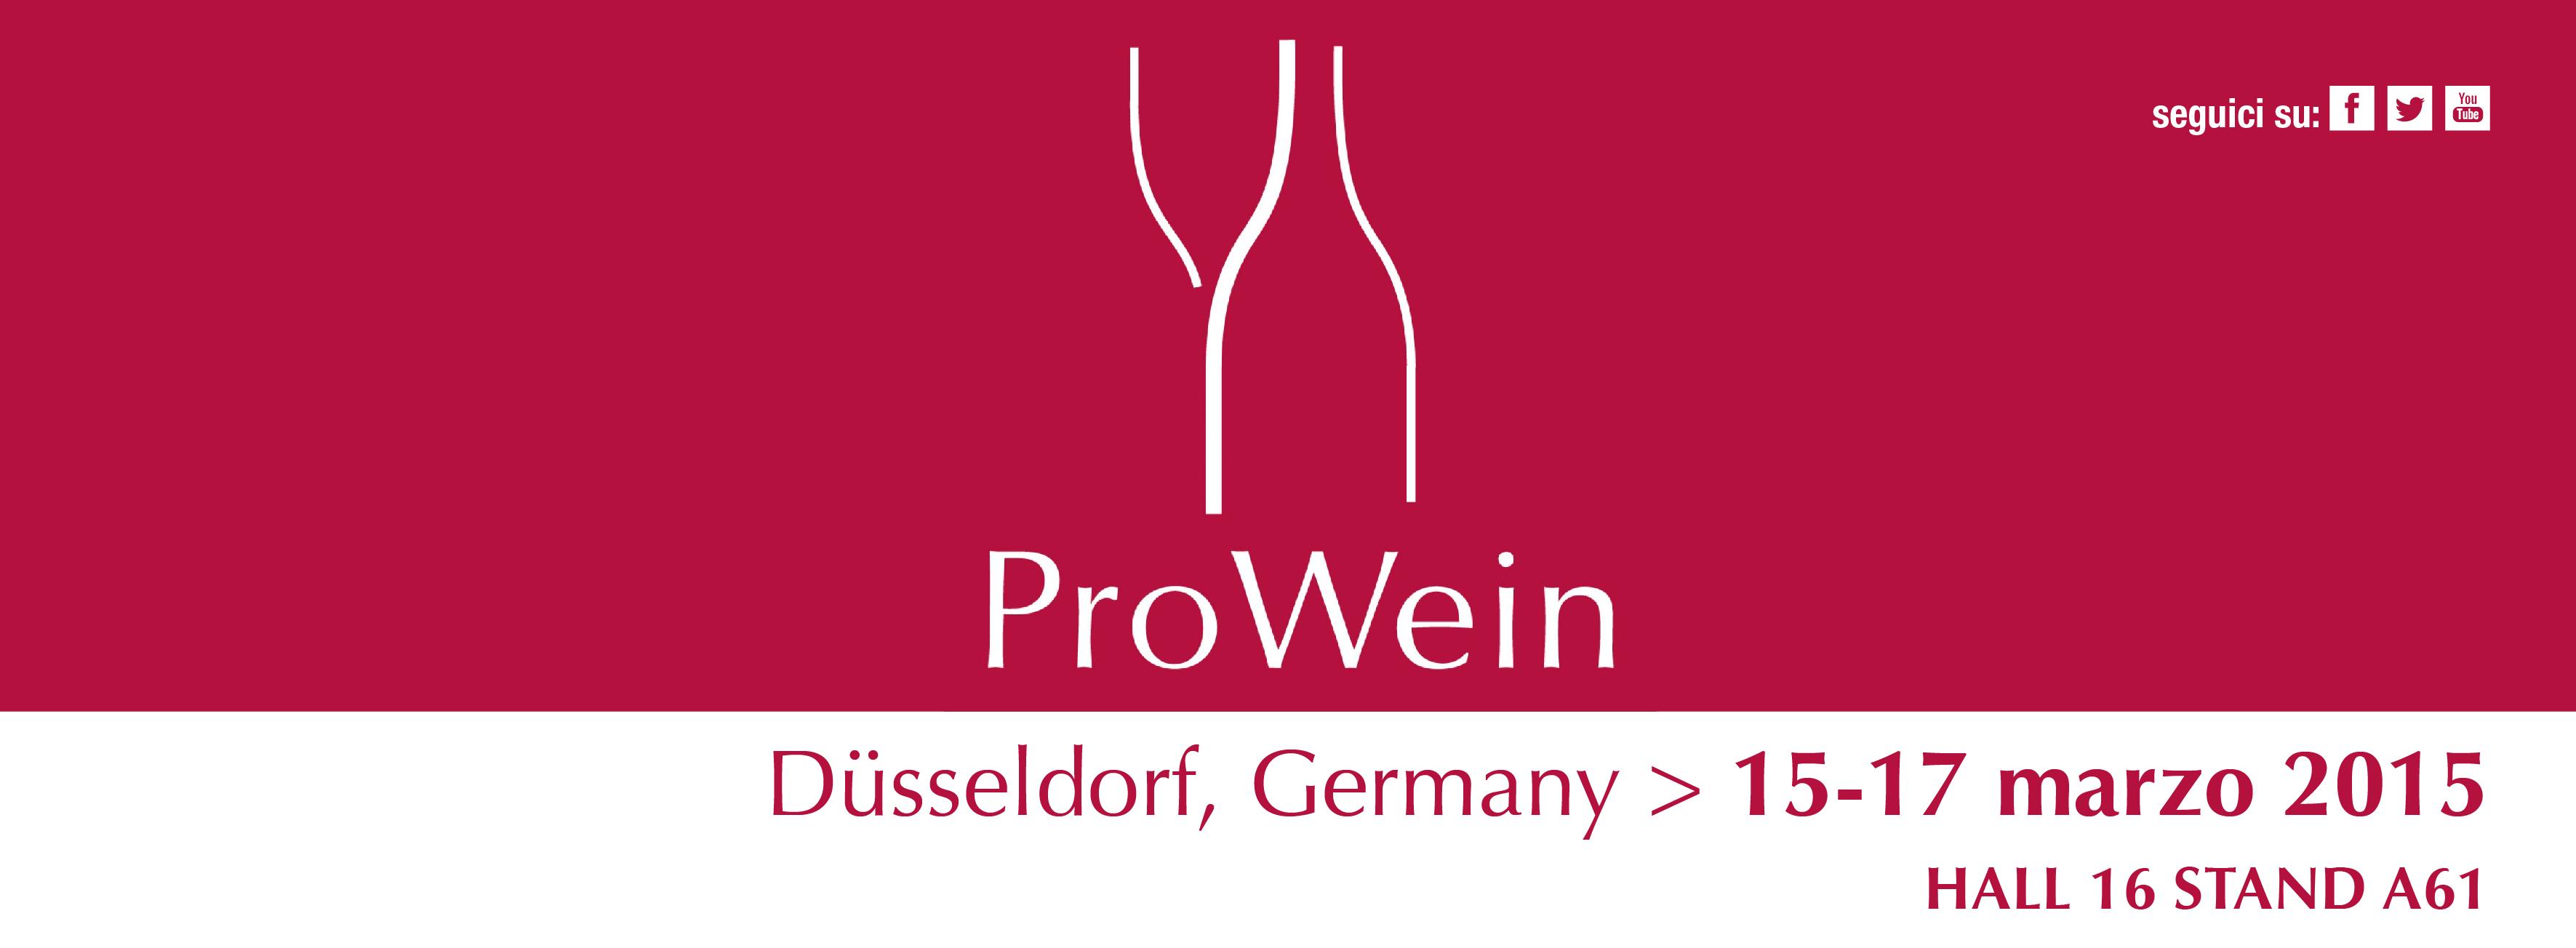 ProWein 2015 dal 15 al 17 Marzo 2015